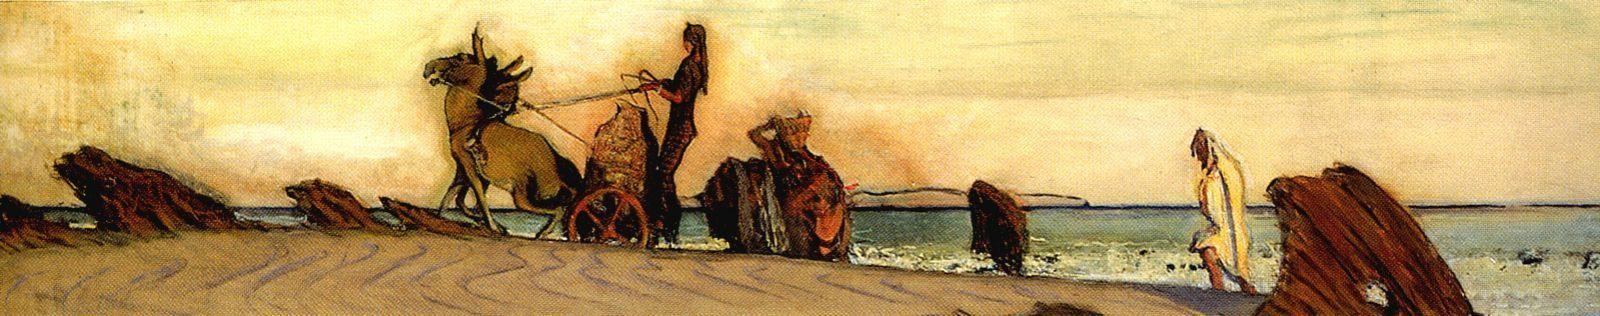 Valentin Aleksandrovich Serov. Odysseus and Nausicaa